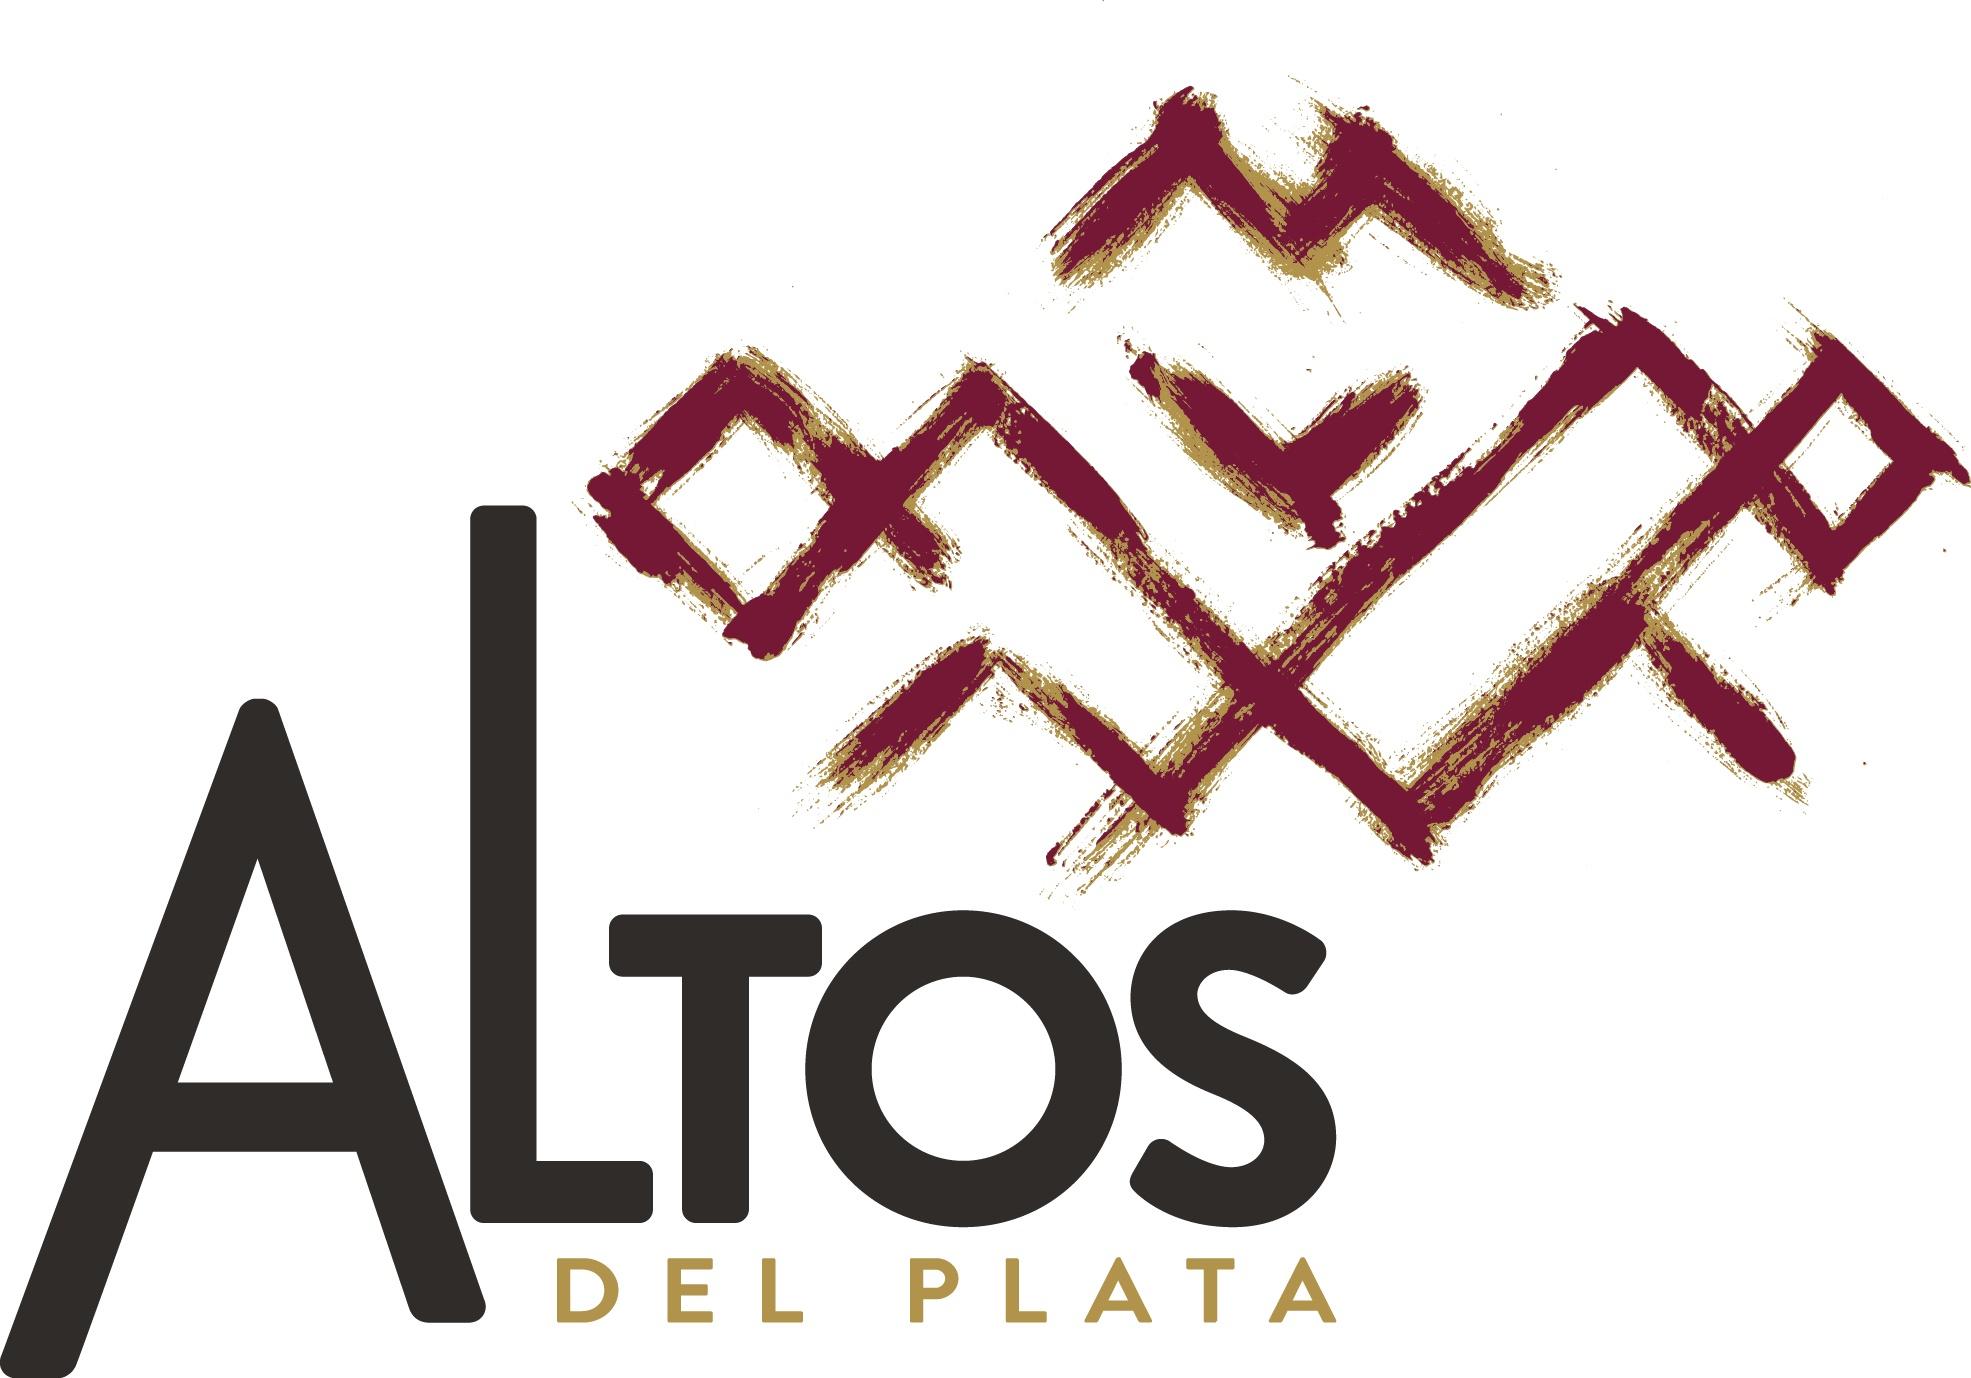 ALTOS DEL PLATA